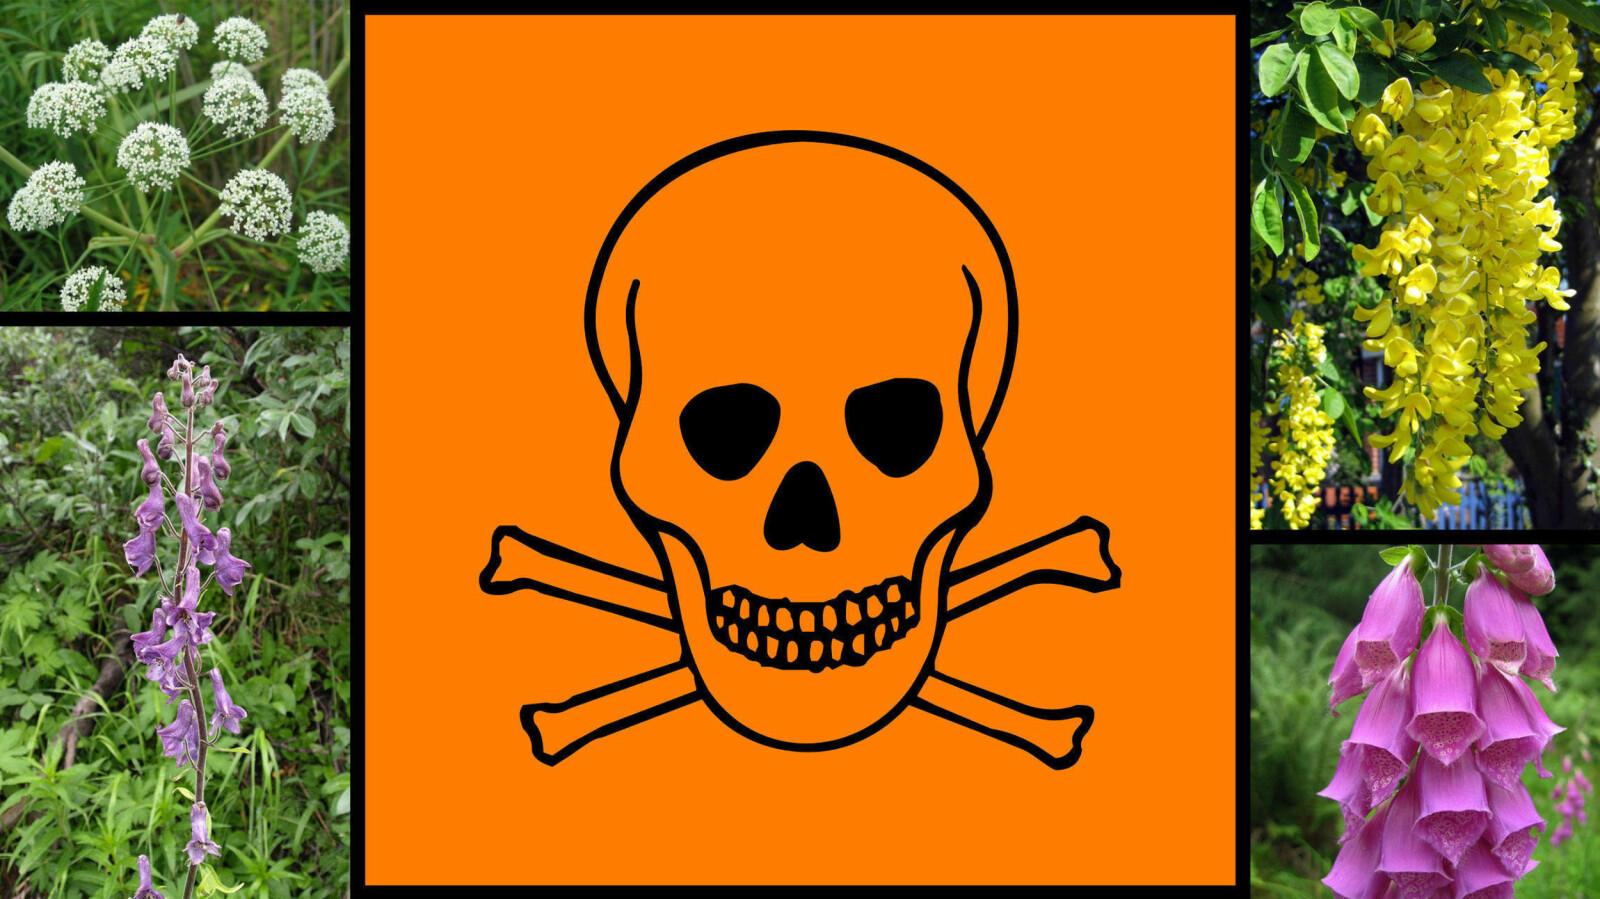 GIFTIGE PLANTER: Førstehjelp ved forgifting avhenger av hvilken gift det dreier seg om. Dersom uhellet skulle være ute, ta kontakt med Giftinformasjonen på telefon 22 59 13 00 og sjekk Helsedirektoratets liste over giftige planter.